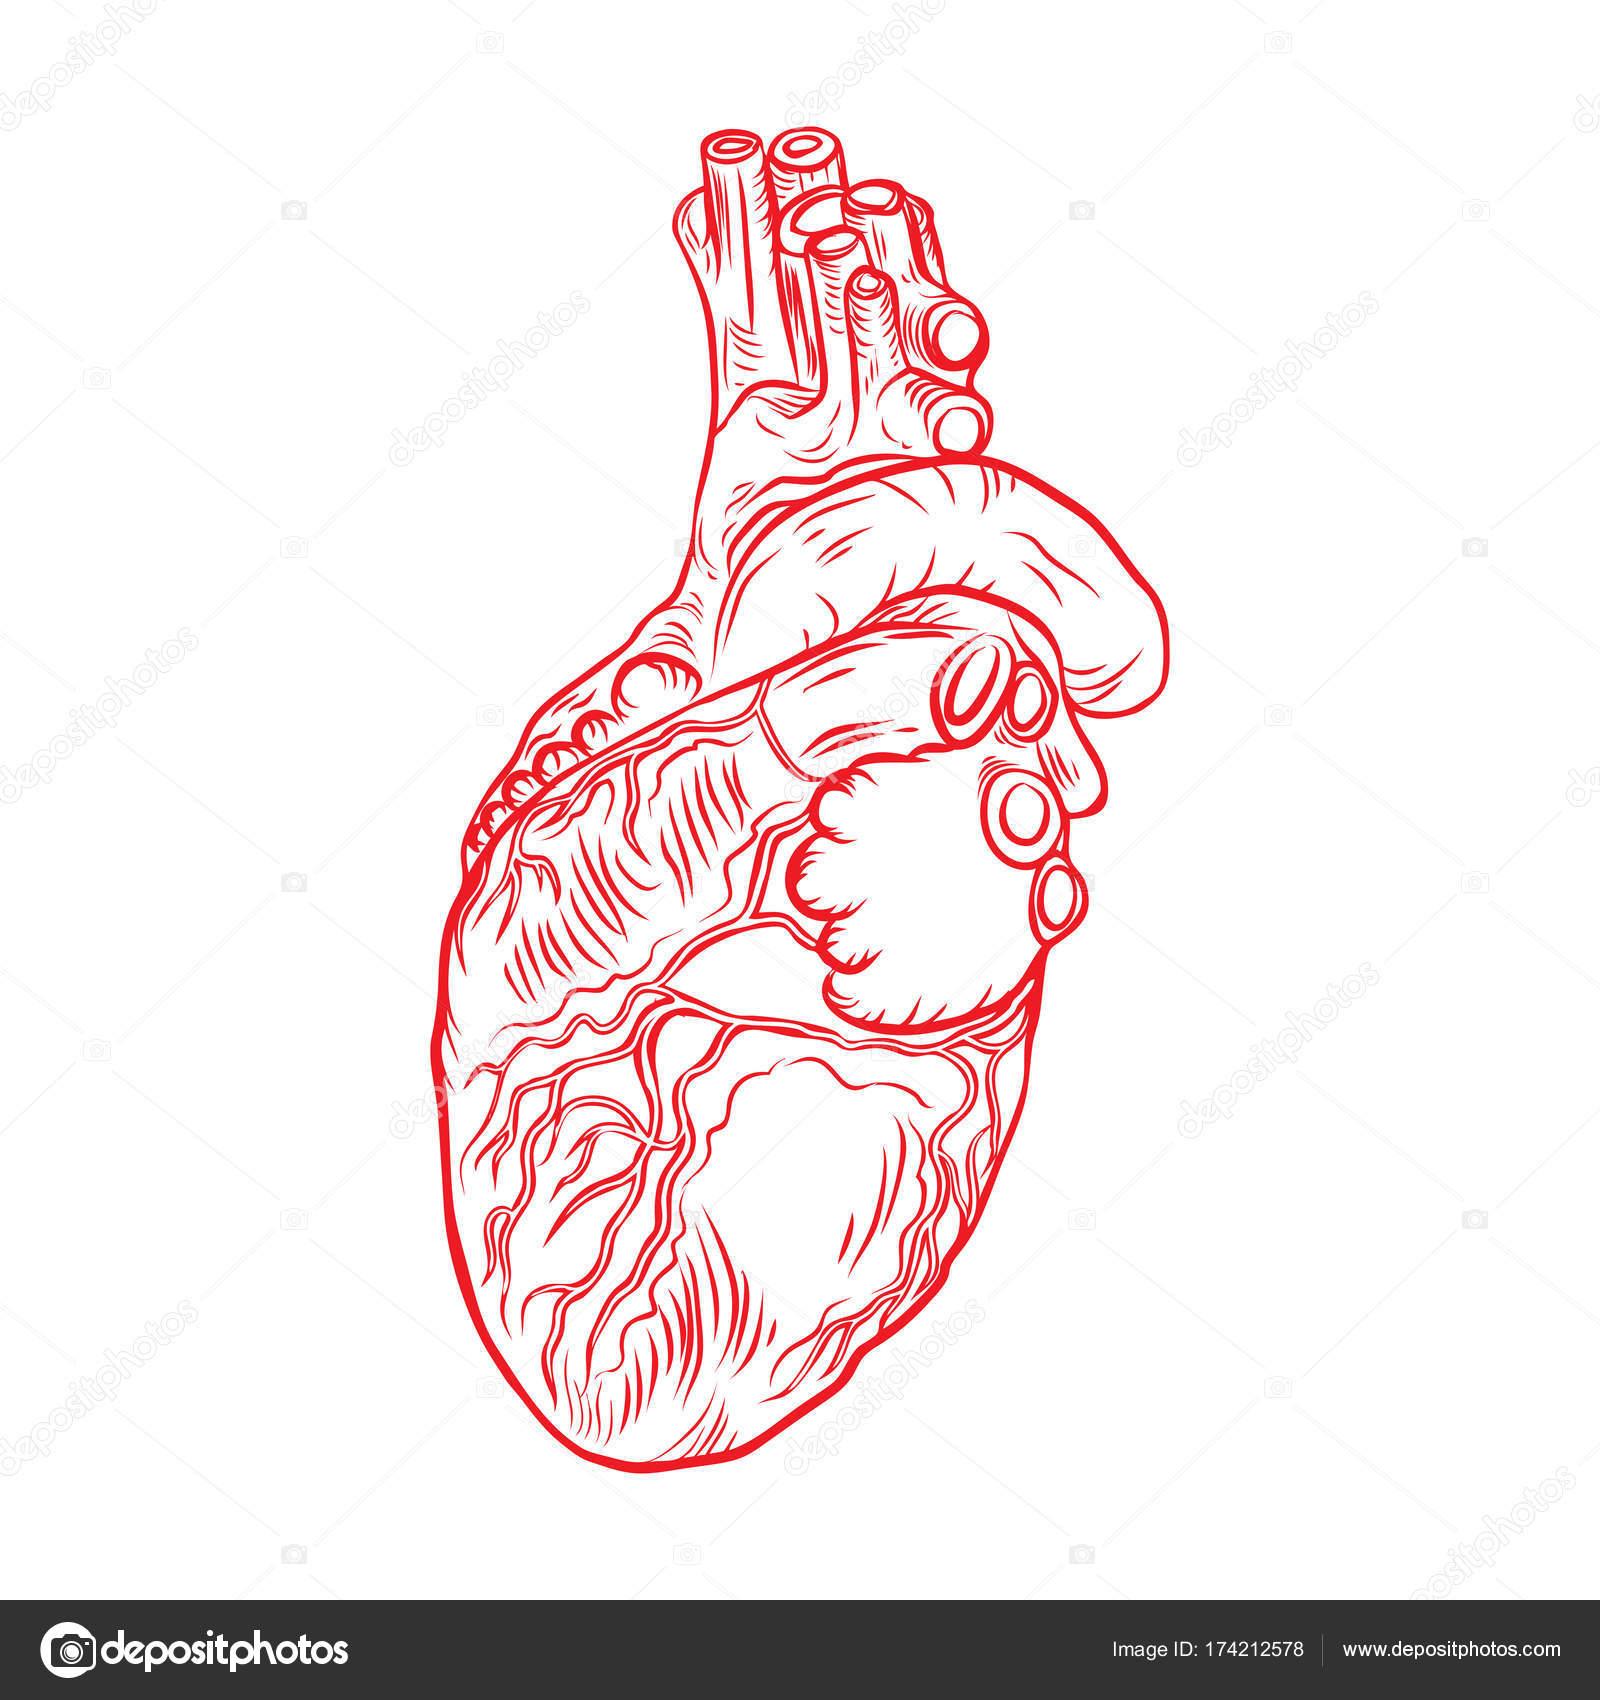 Rotes Herz mit Aorta, Venen und Arterien — Stockvektor ...